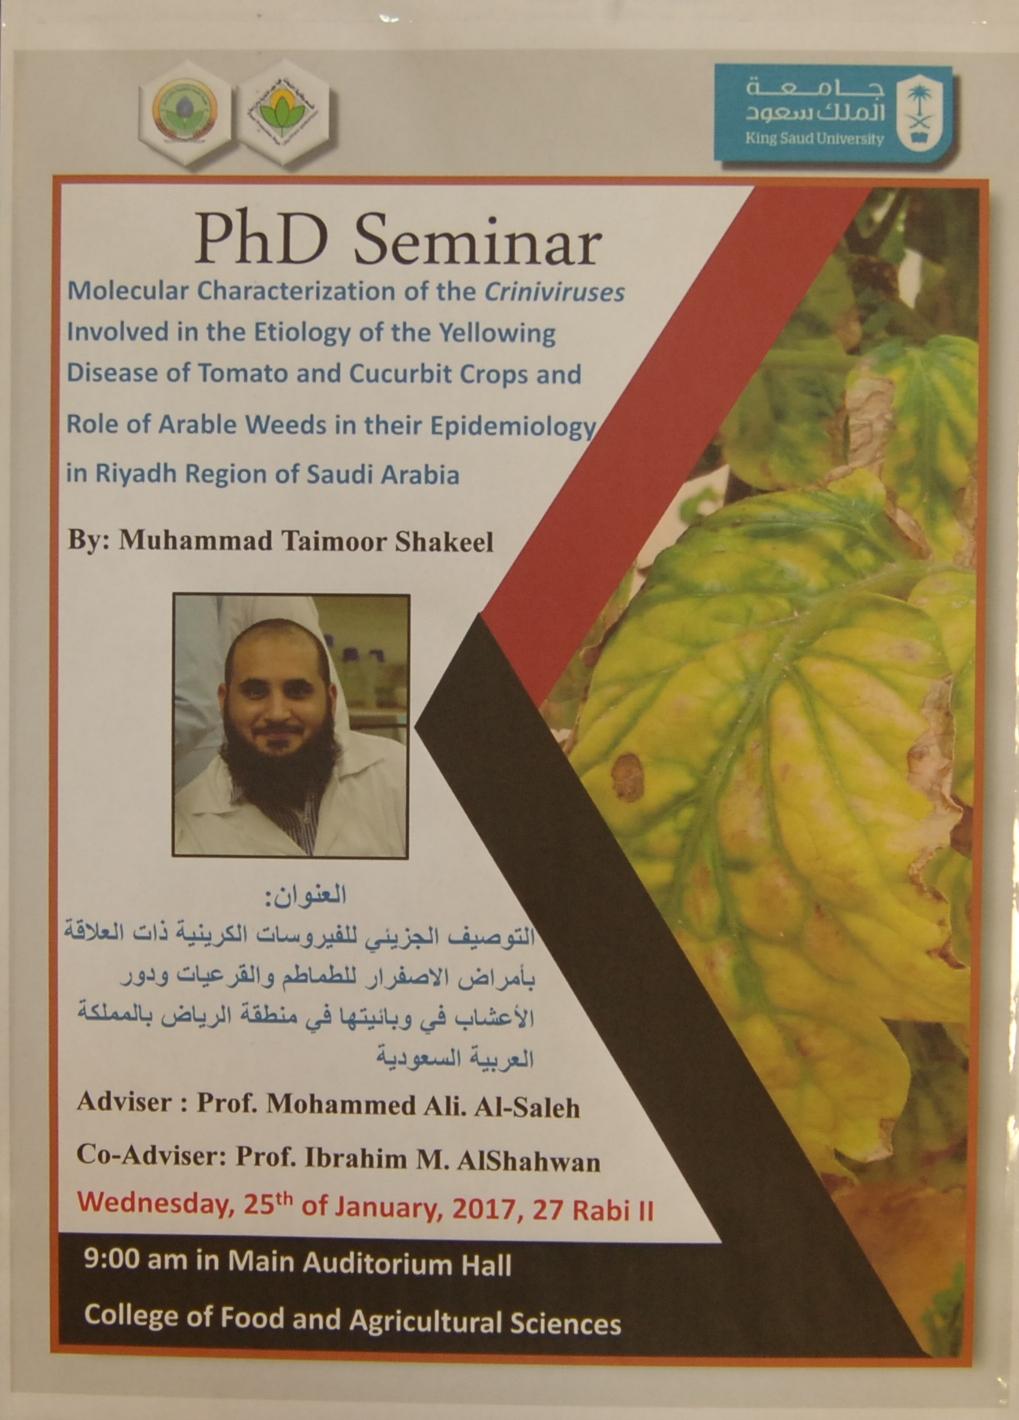 52- اليوم عرض نتائج رسالة دكتوراه  بكلية علوم الأغذية والزراعة.